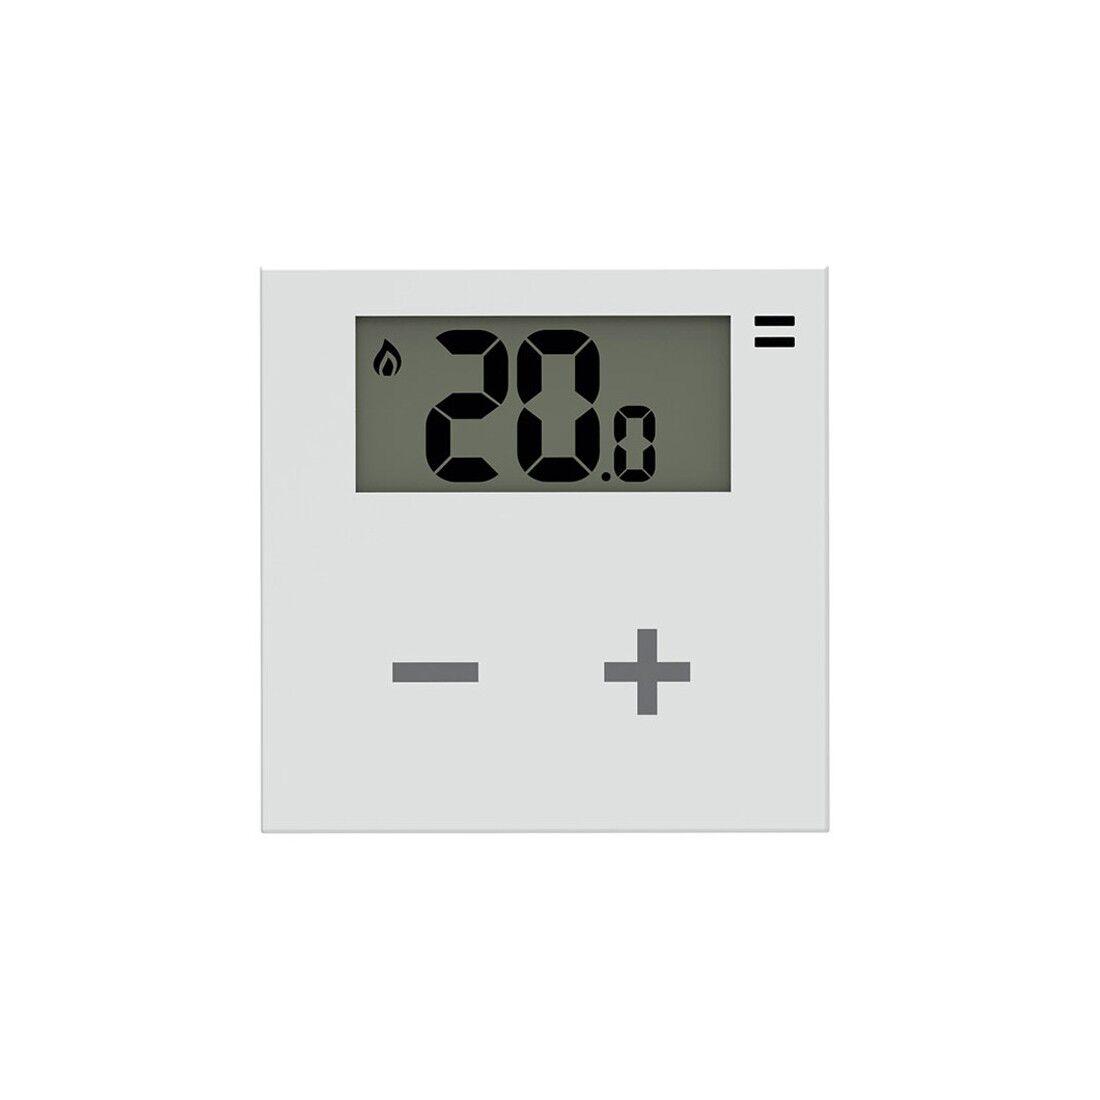 Rialto Comfort RIALTO Smart Thermostat   Termostato aggiuntivo per sistema Rialto